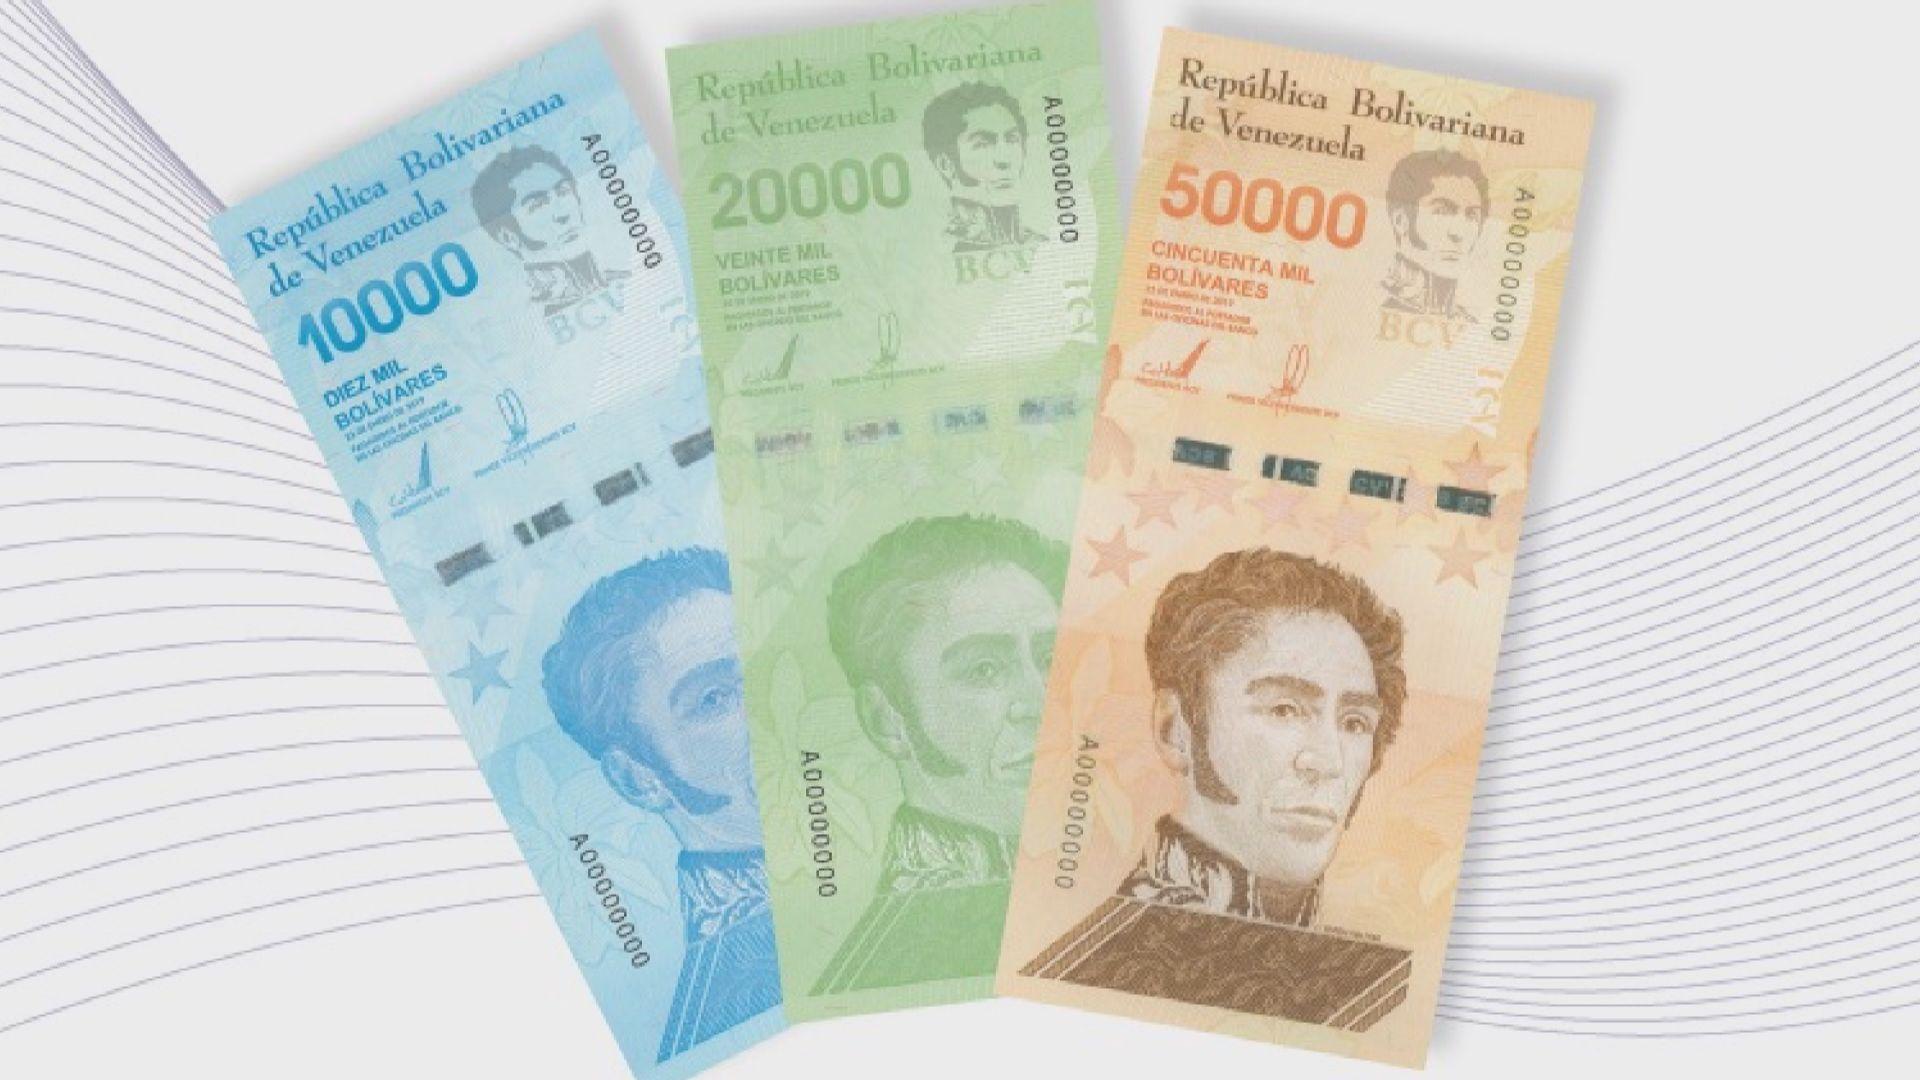 委內瑞拉發行更高面額新鈔抗通脹